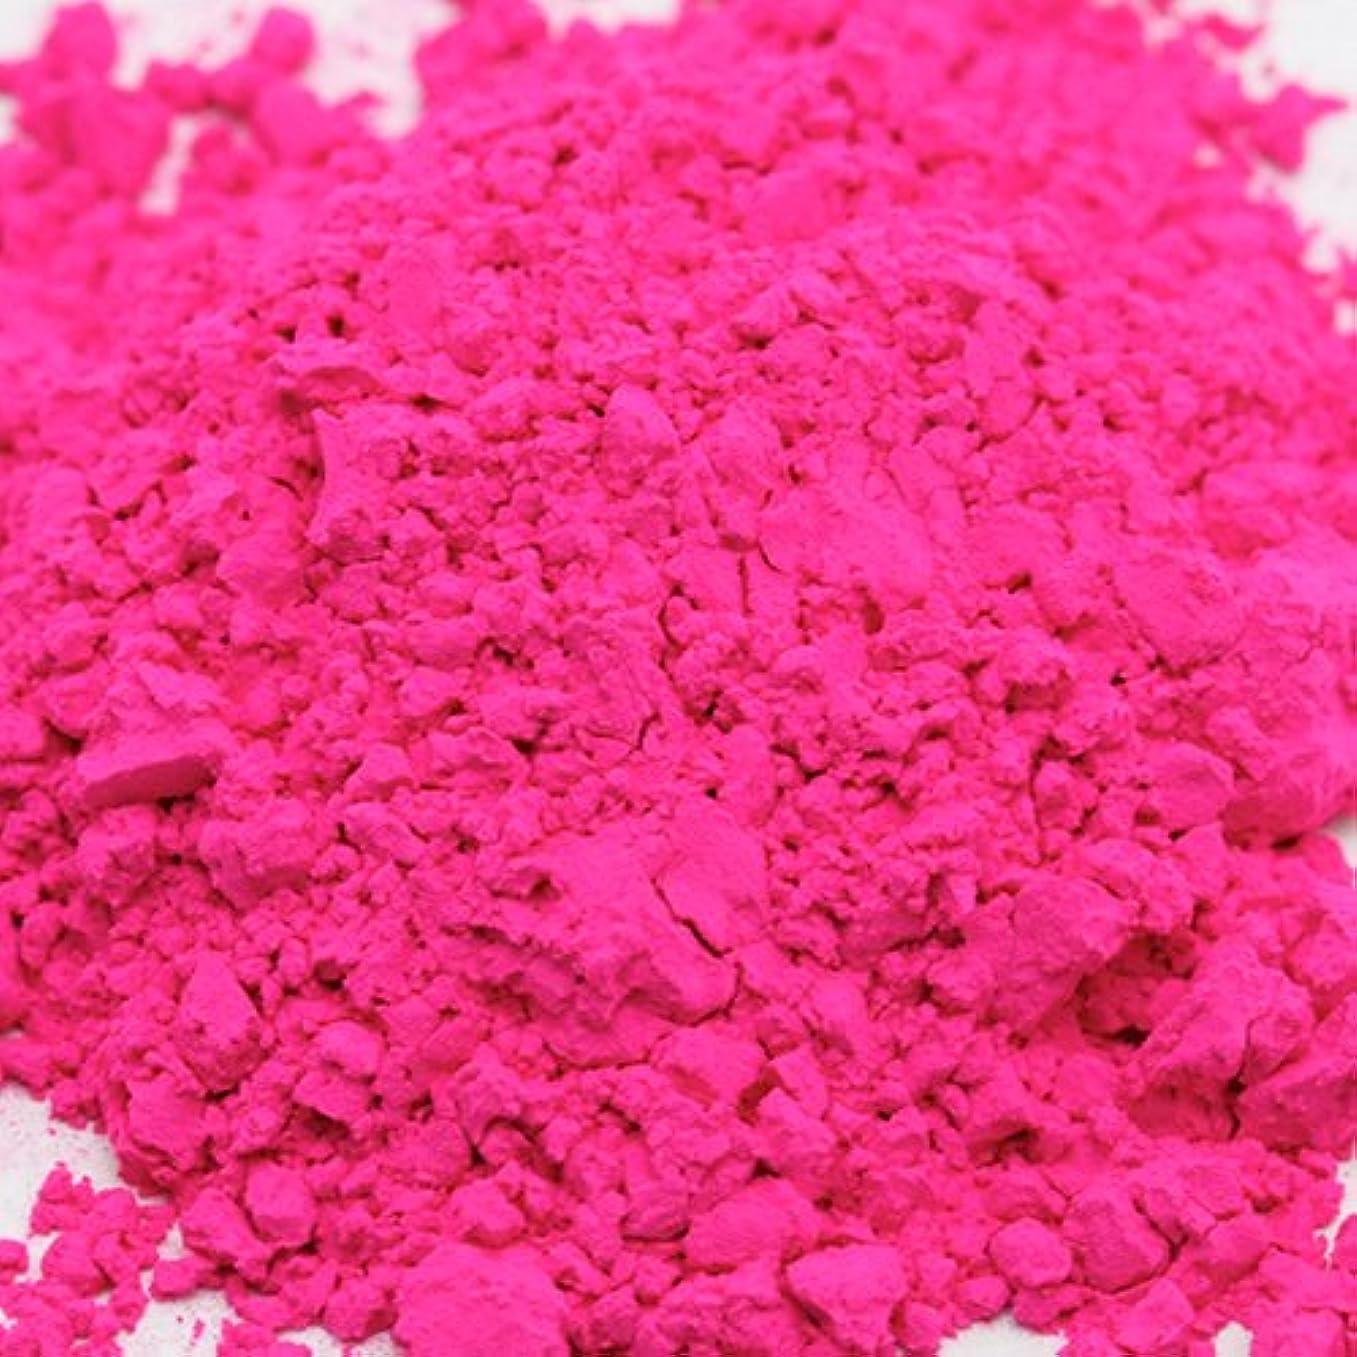 居心地の良い大佐ミスペンドキャンディカラー ピンク 5g 【手作り石鹸/手作りコスメ/色付け/カラーラント】